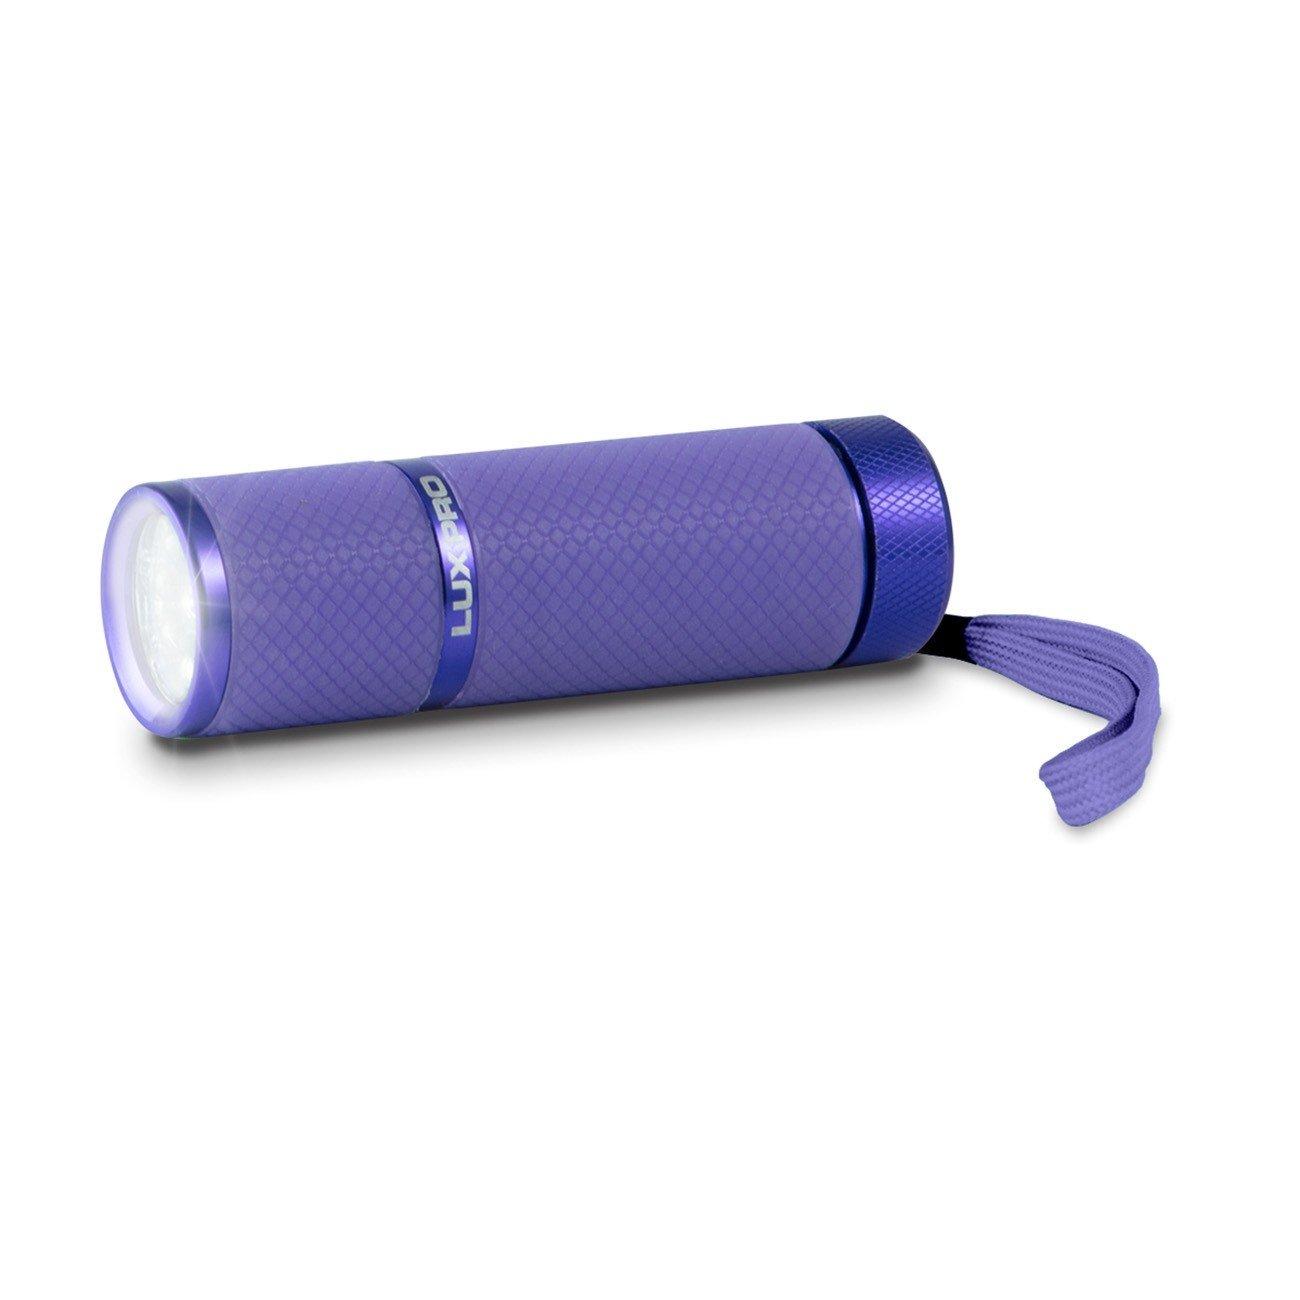 Lux-pro lp395-pr Gele Glow in Dark 9 LED Taschenlampe, Violett